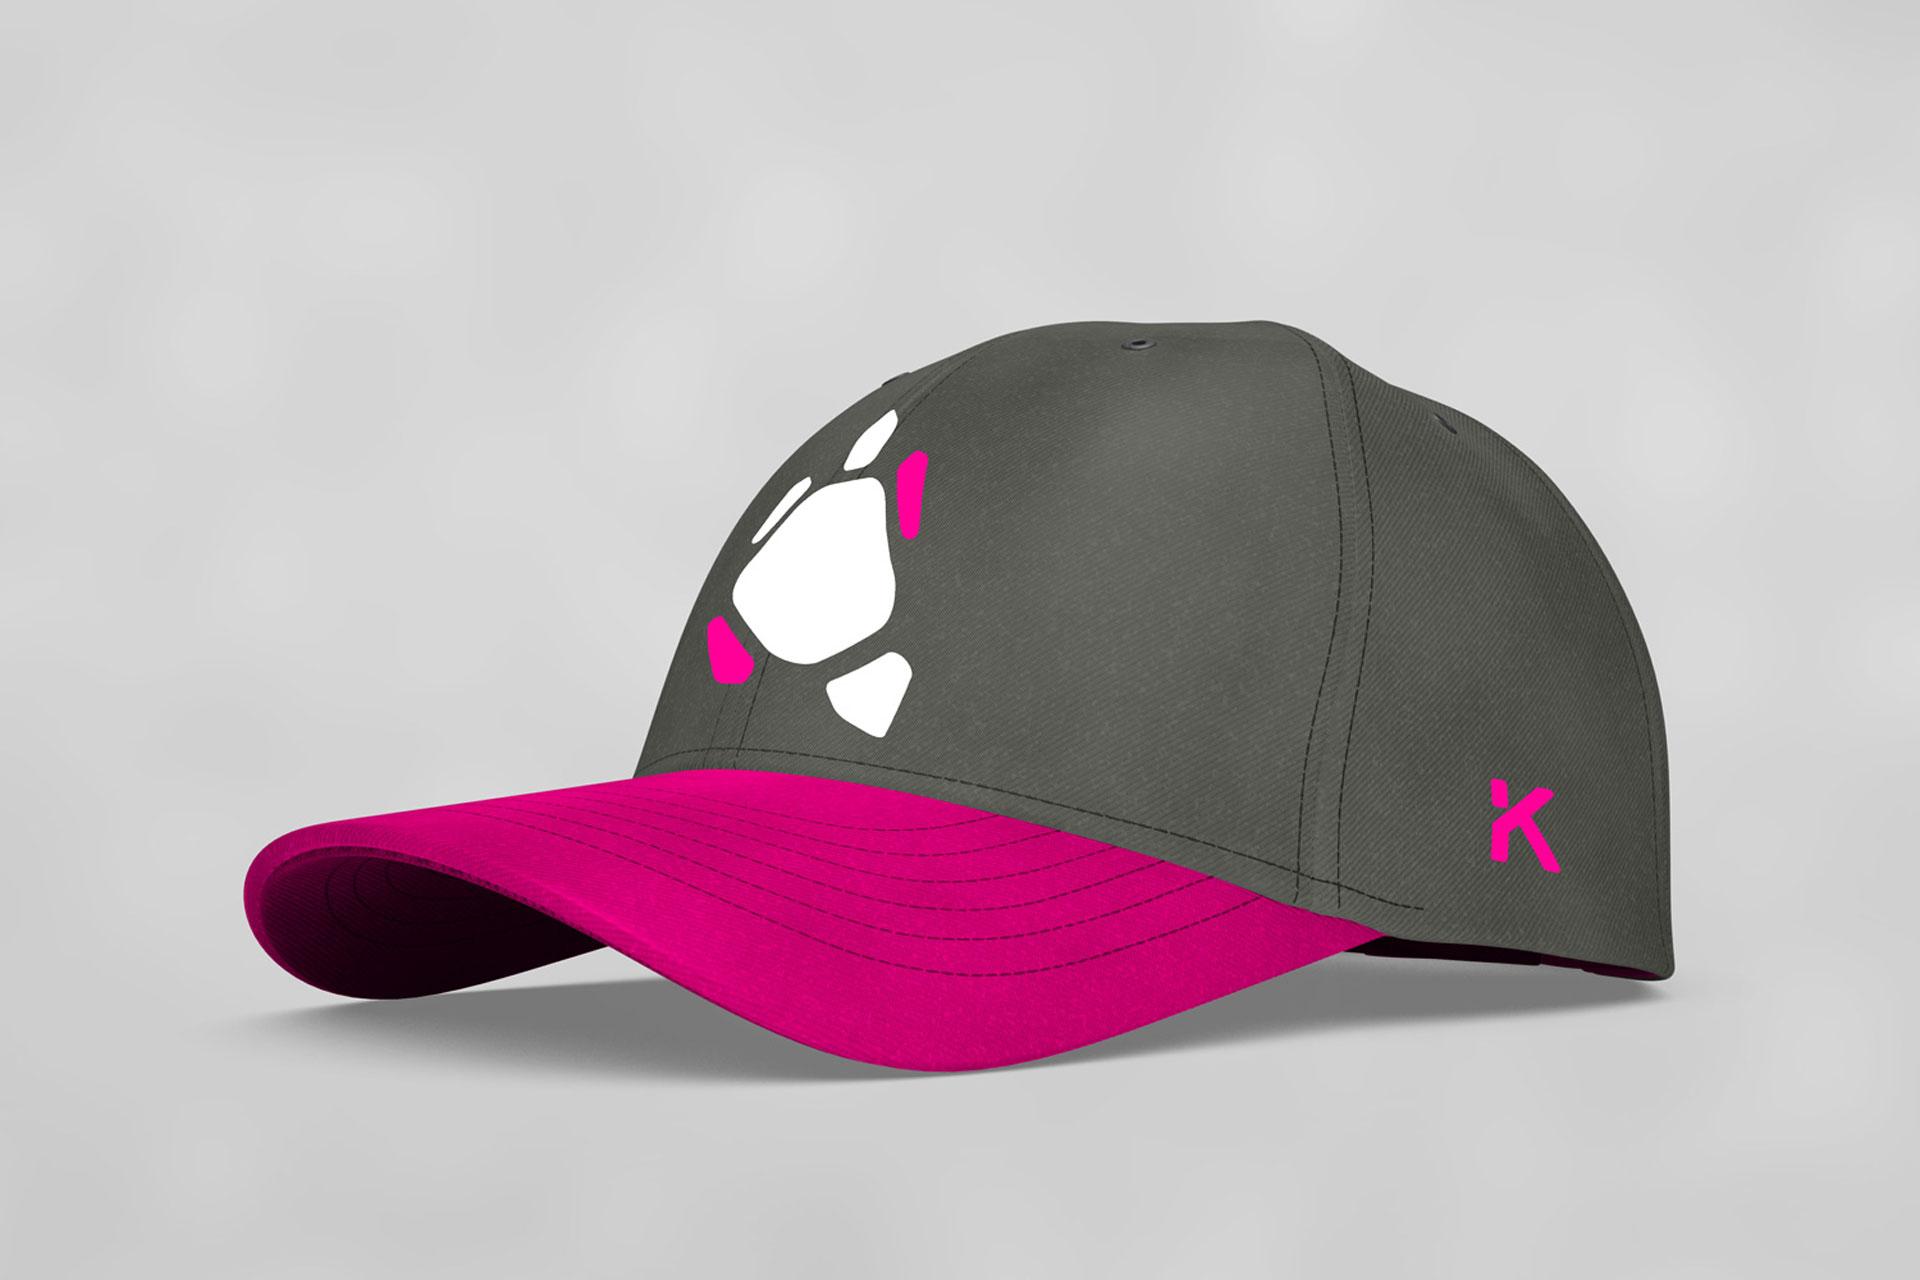 Casquette Pink Turtle-Cmondada Design